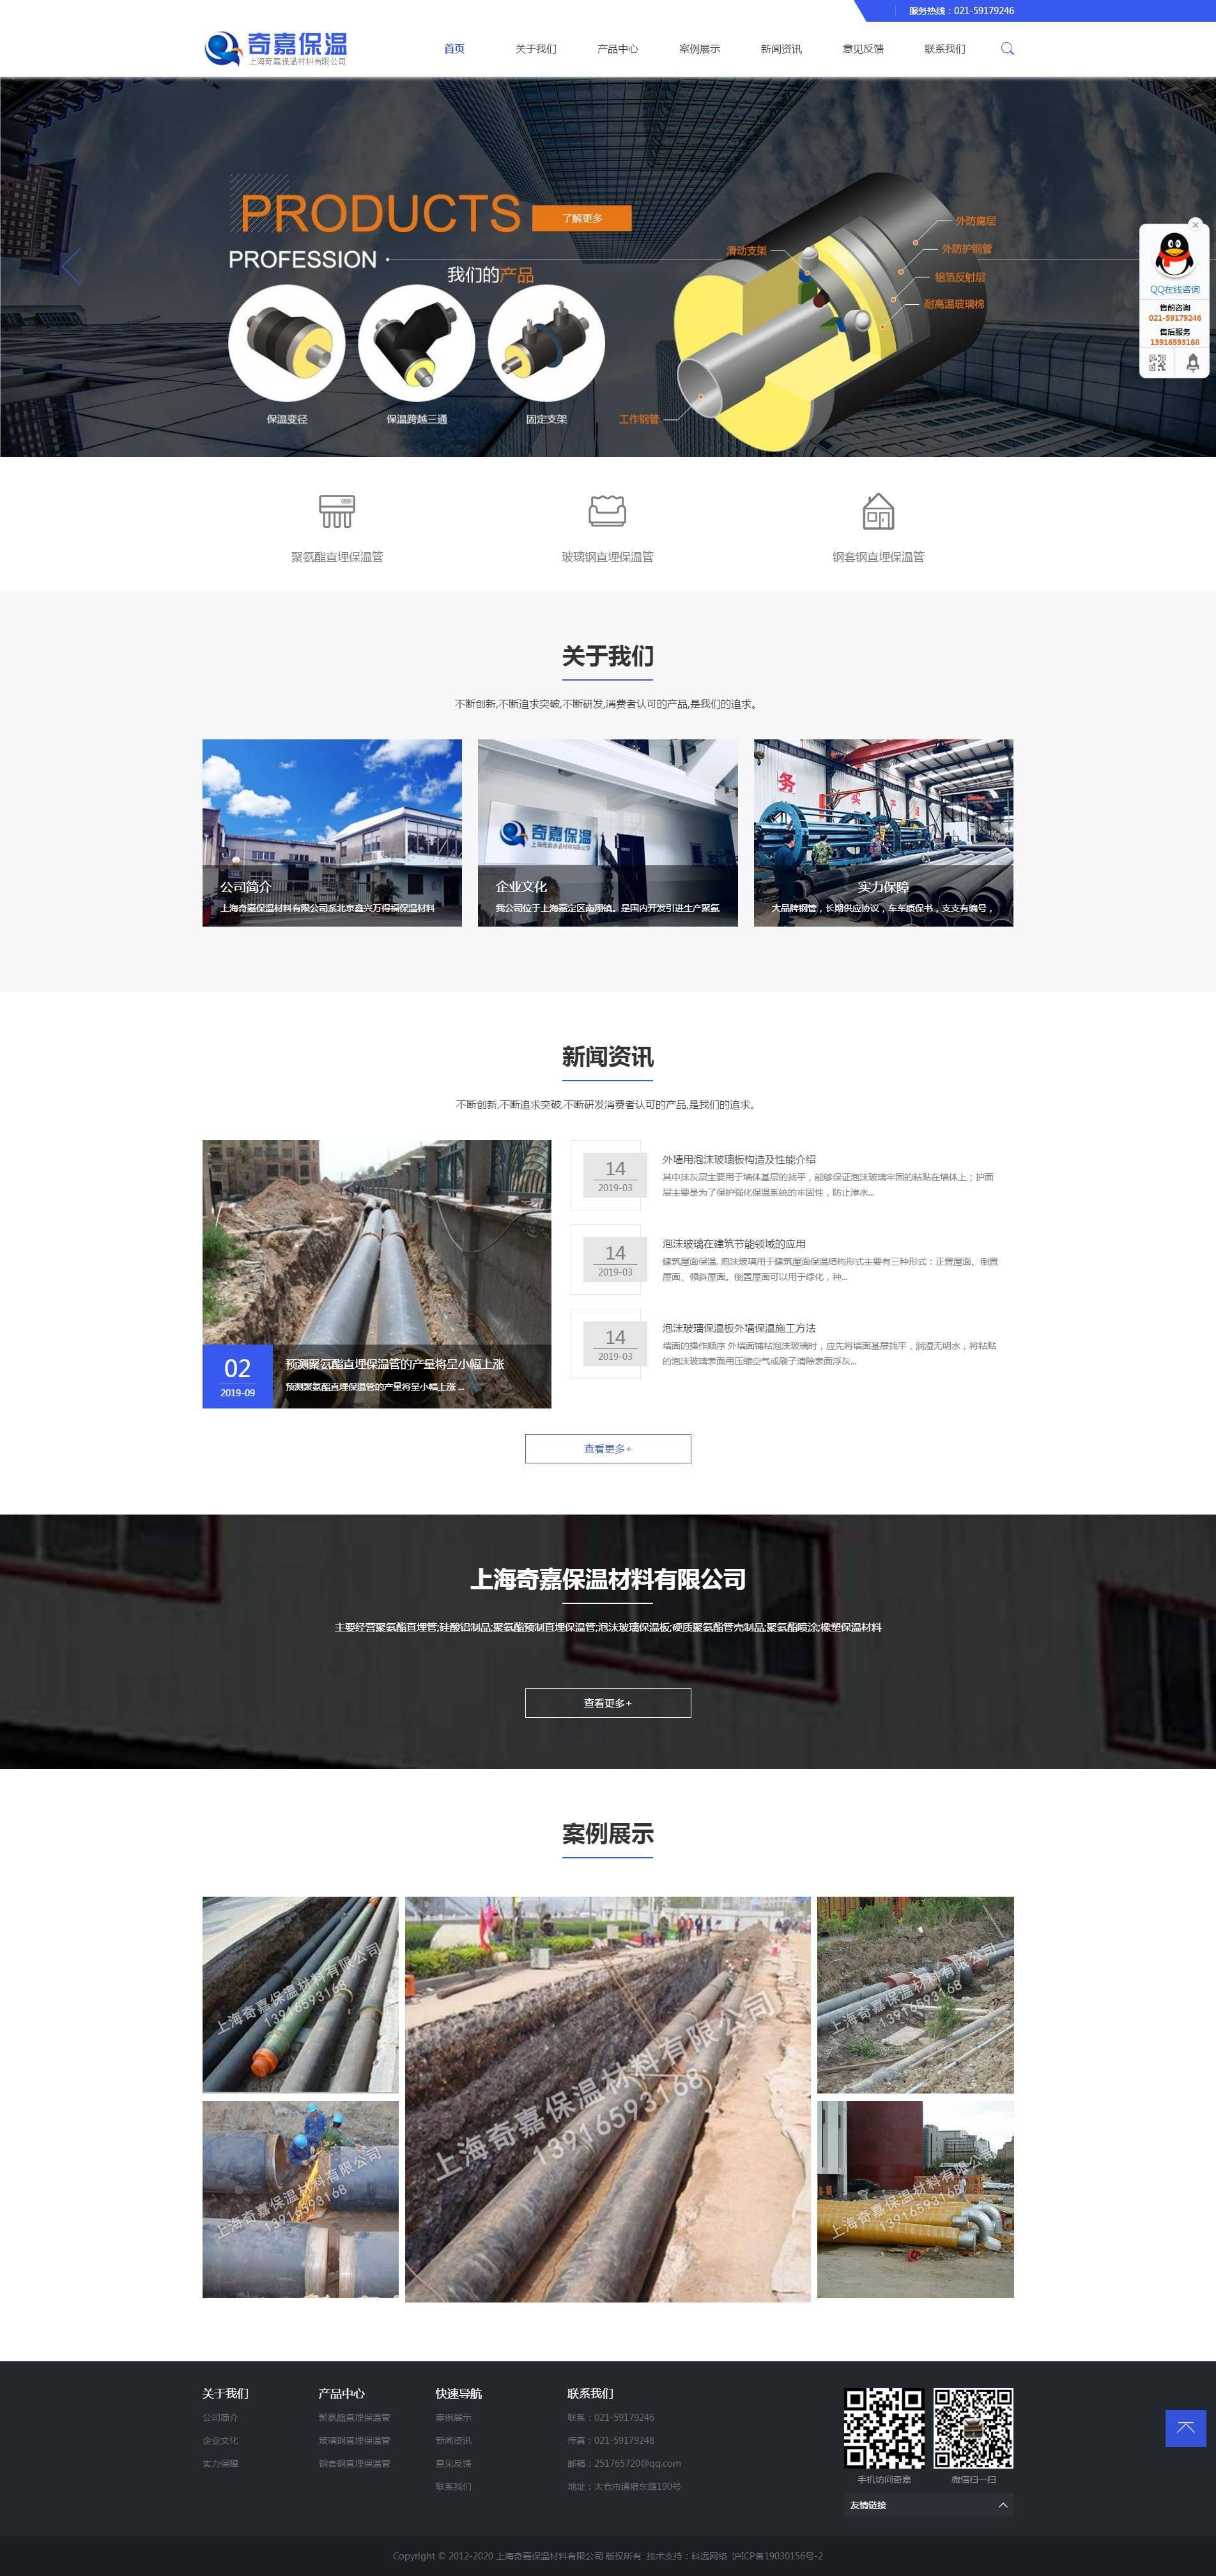 上海奇嘉保溫材料有限公司(圖1)